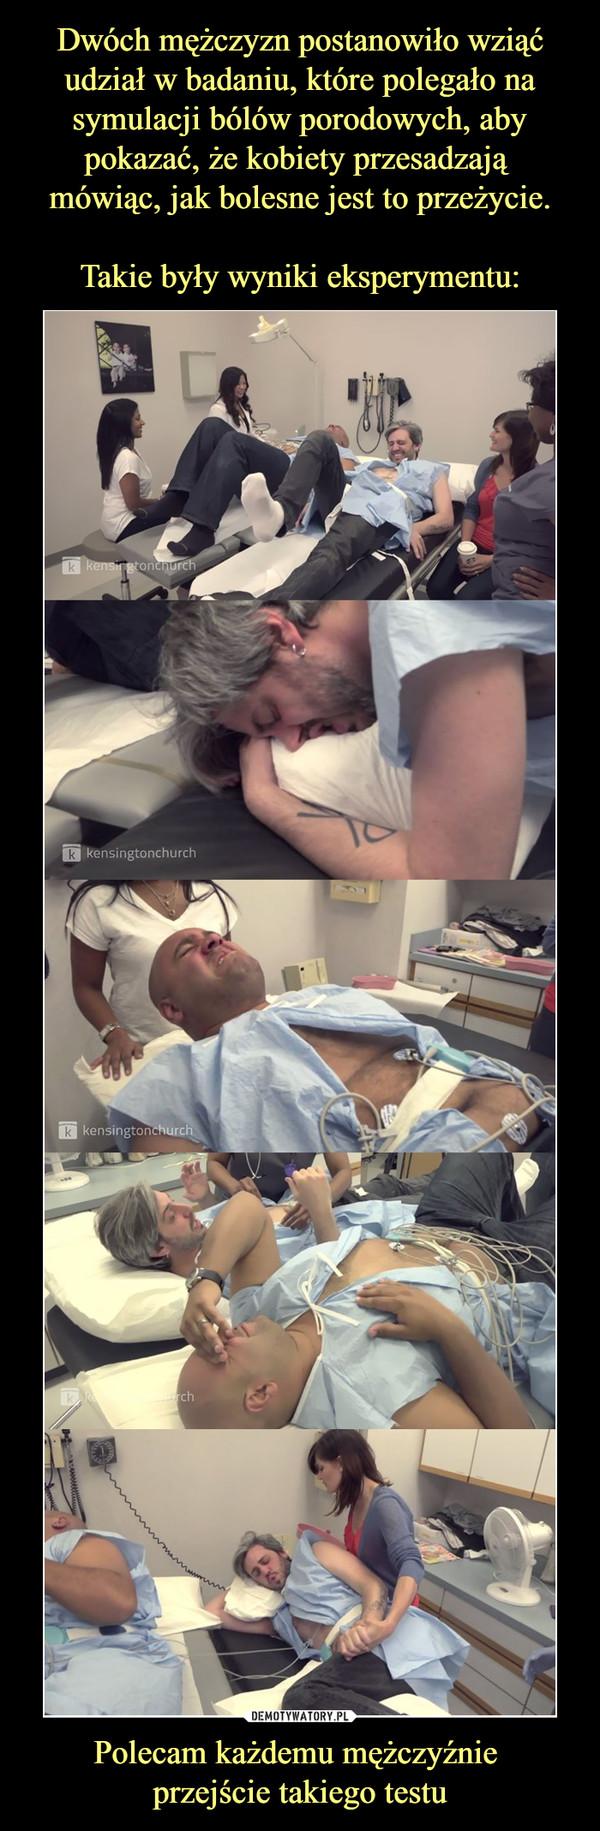 Dwóch mężczyzn postanowiło wziąć udział w badaniu, które polegało na symulacji bólów porodowych, aby pokazać, że kobiety przesadzają  mówiąc, jak bolesne jest to przeżycie.  Takie były wyniki eksperymentu: Polecam każdemu mężczyźnie  przejście takiego testu